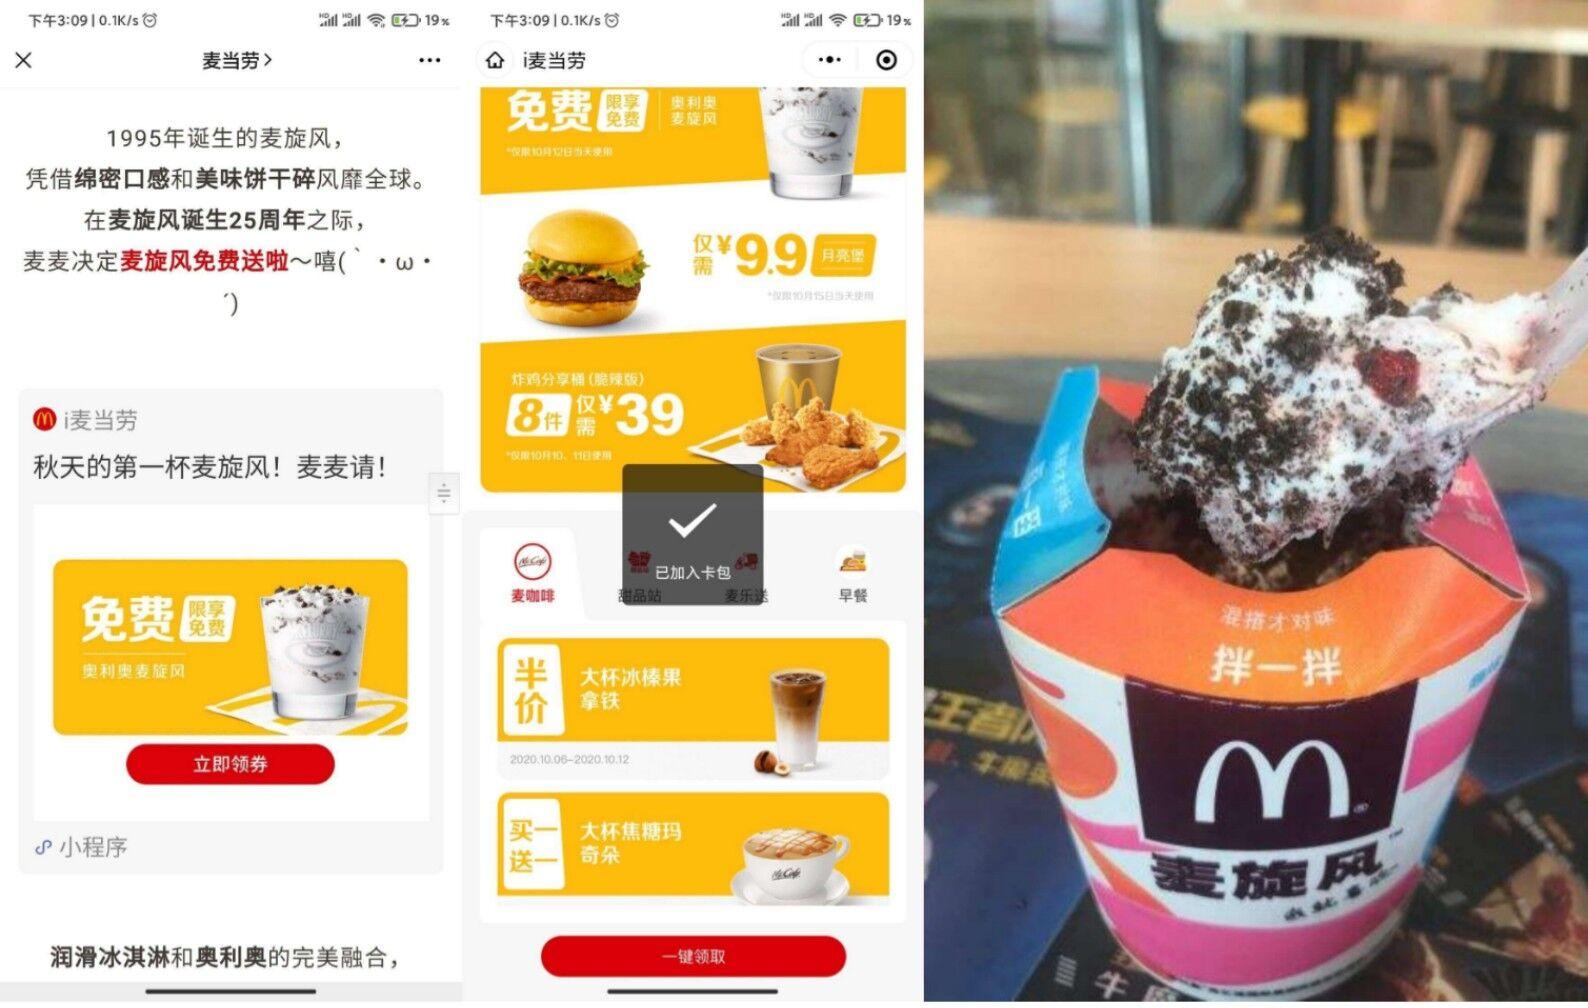 麦当劳0撸新品奥利奥冰淇淋